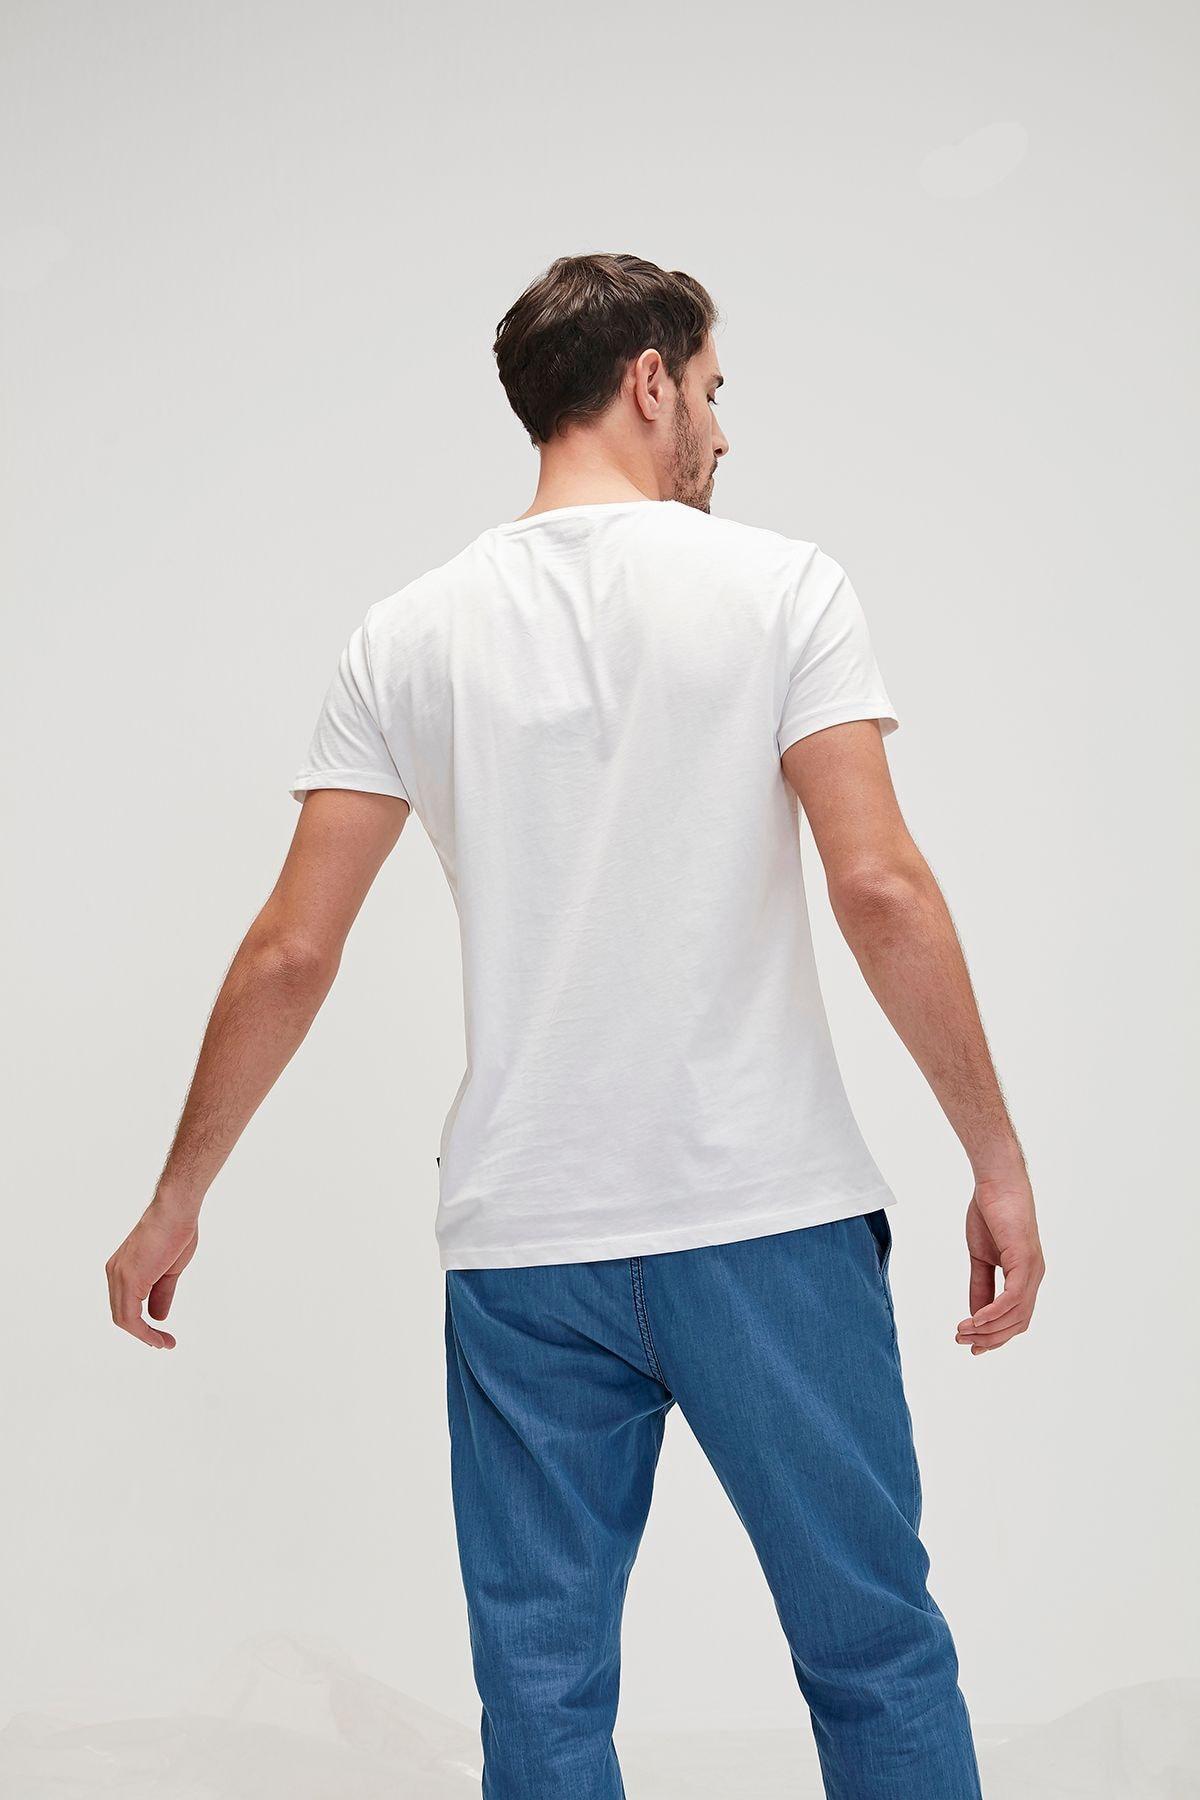 Bad Bear Erkek Baskılı T Shirt 20.01.07.030 2